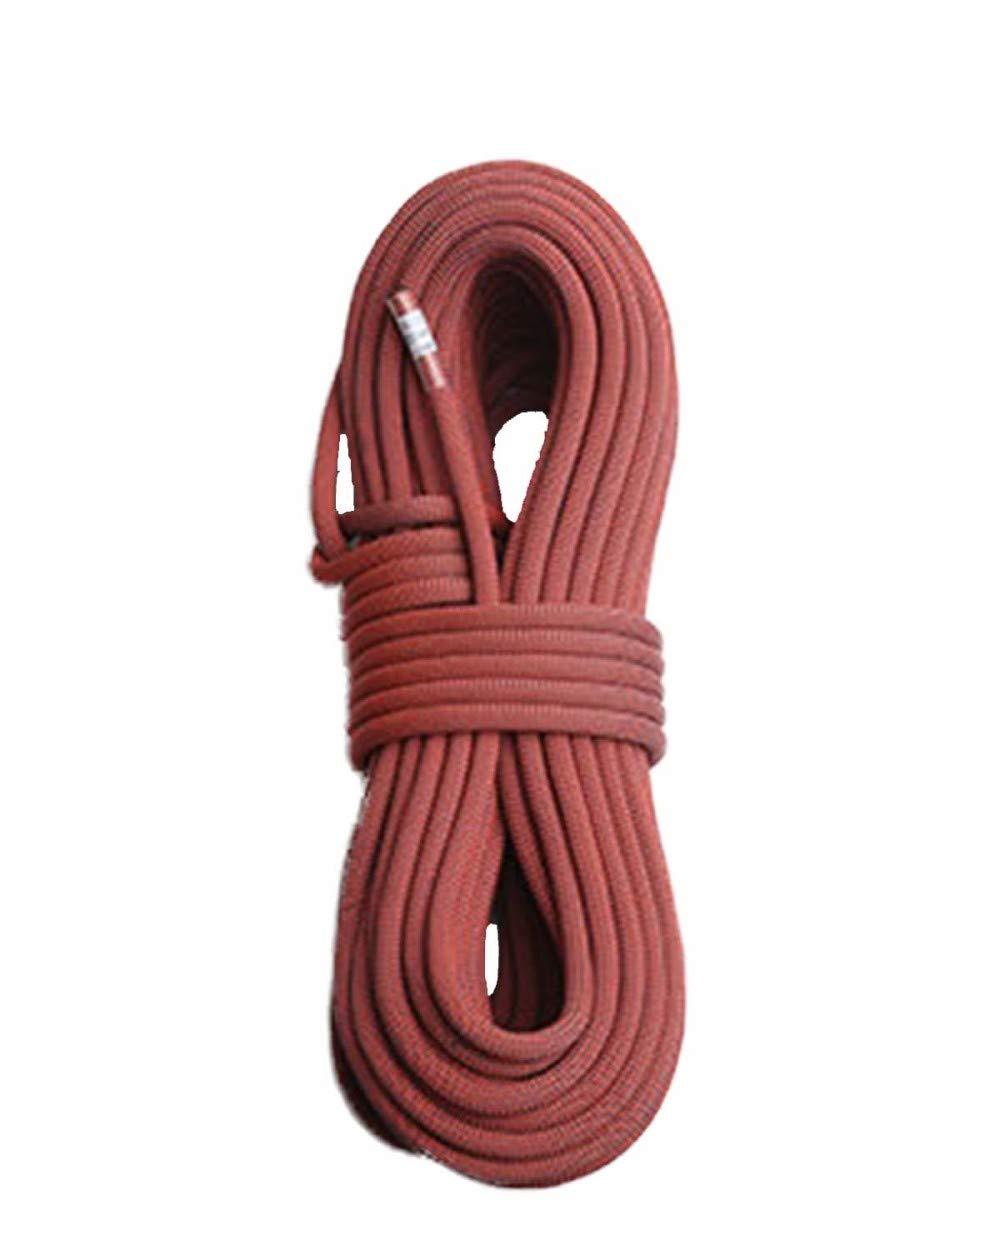 Rouge ZAIYI-Climbing rope Alpinisme en Plein Air, Camping De Sauvetage, Corde D'Usure Auxiliaire De Sécurité Fournie 9.8 10.5   11mm,vert-10m9.8mm 10m10.5mm